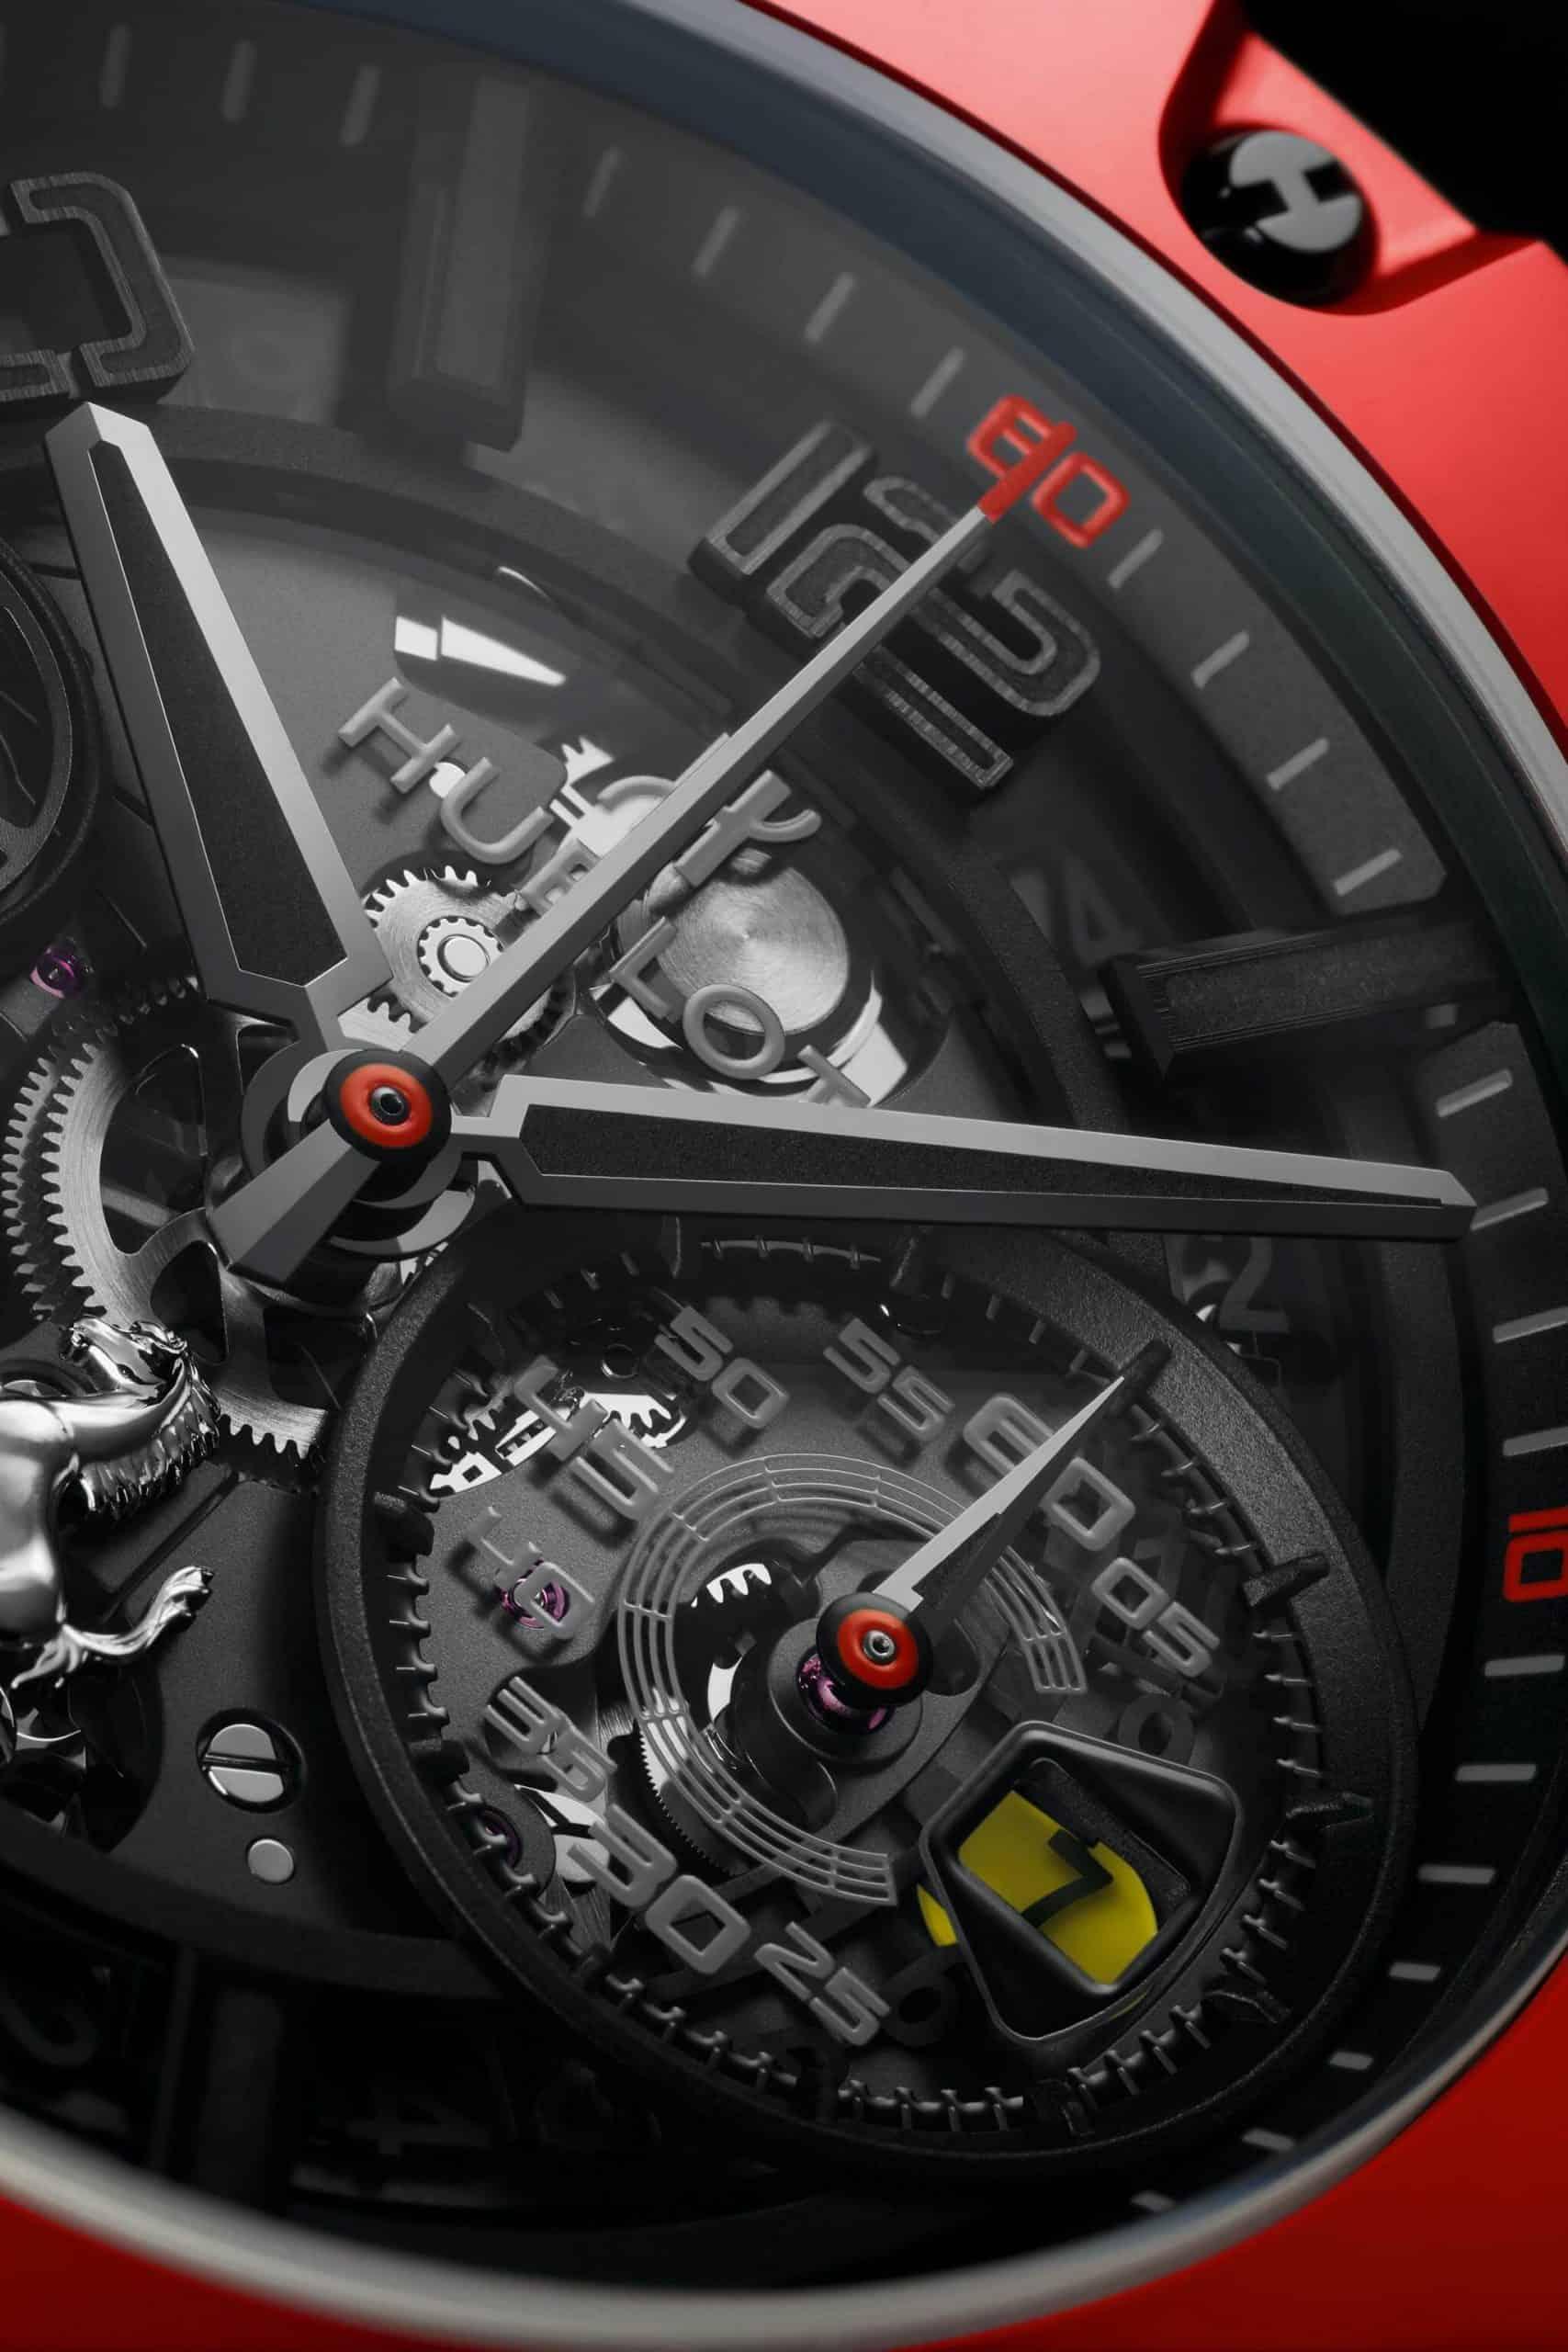 Formel 1 Chronographen Hublot Big Bang Ferrari Unico und sein durchbrochenes Zifferblatt